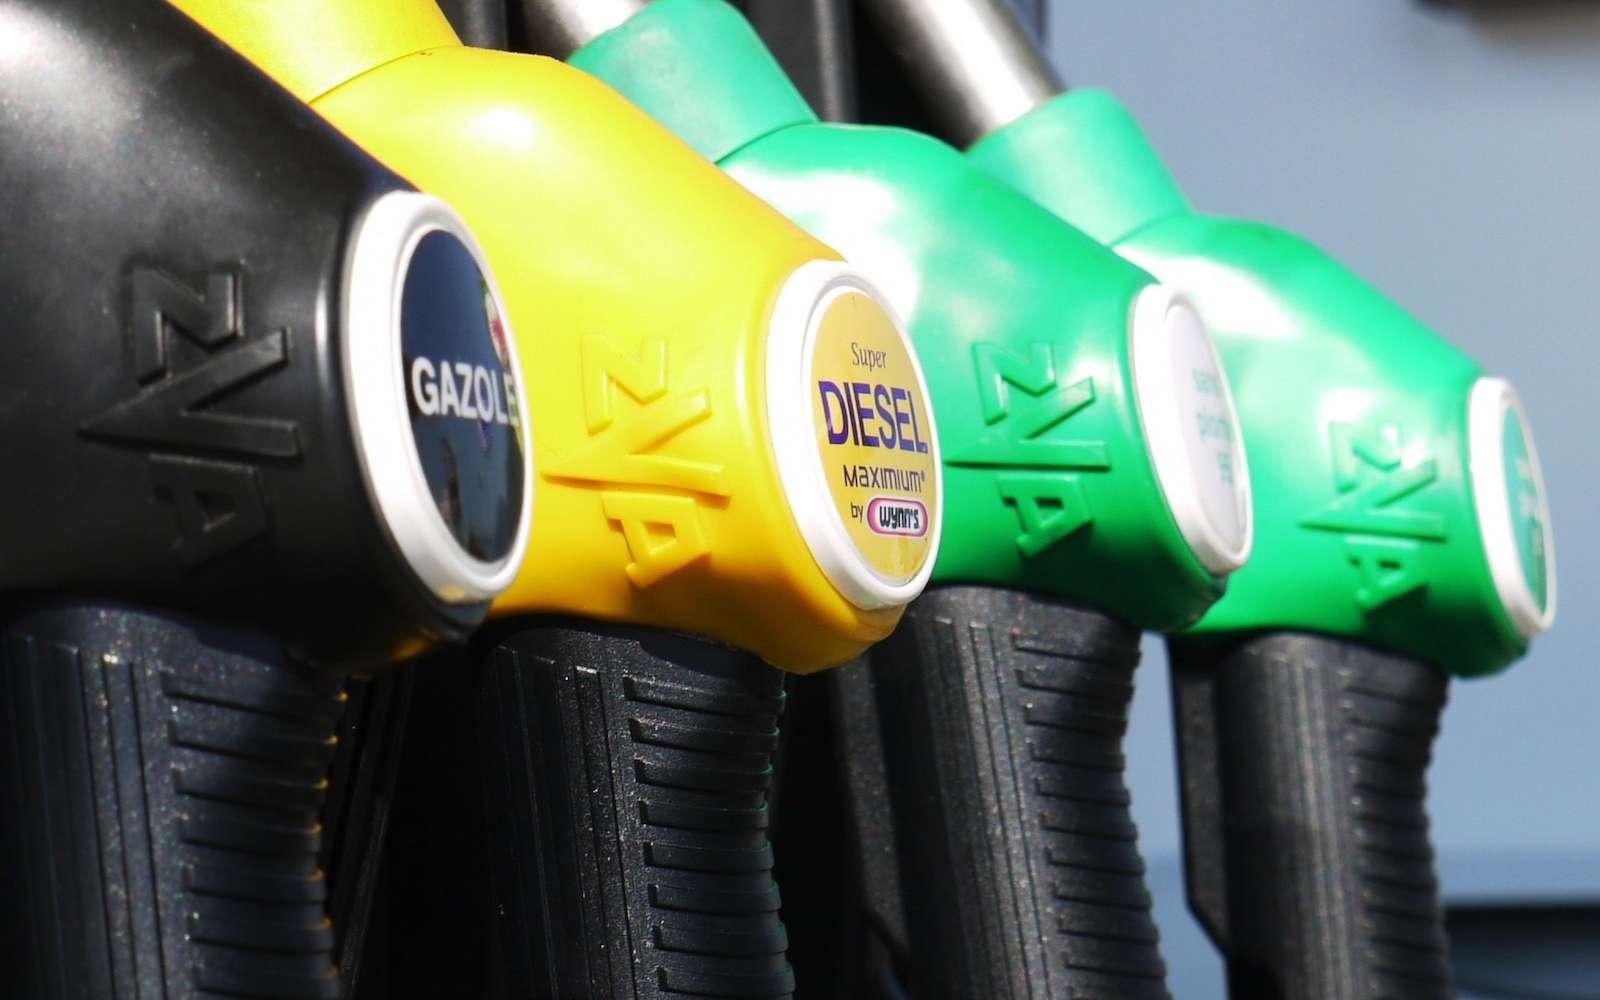 Les voleurs désactivaient le système automatique des pompes et pouvaient se servir de l'essence sans payer. © ResoneTIC, Pixabay